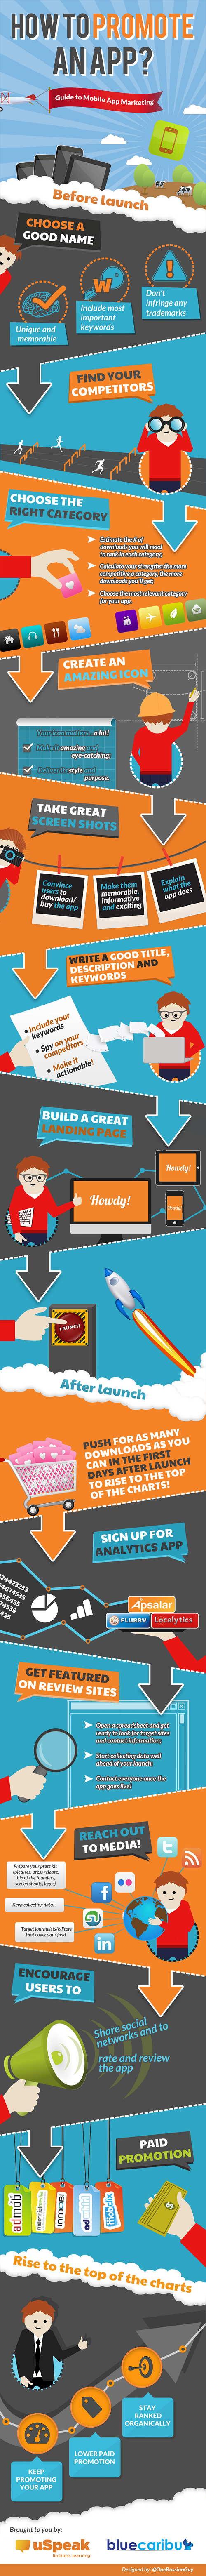 Consejos de marketing para promocionar tu app _infografía